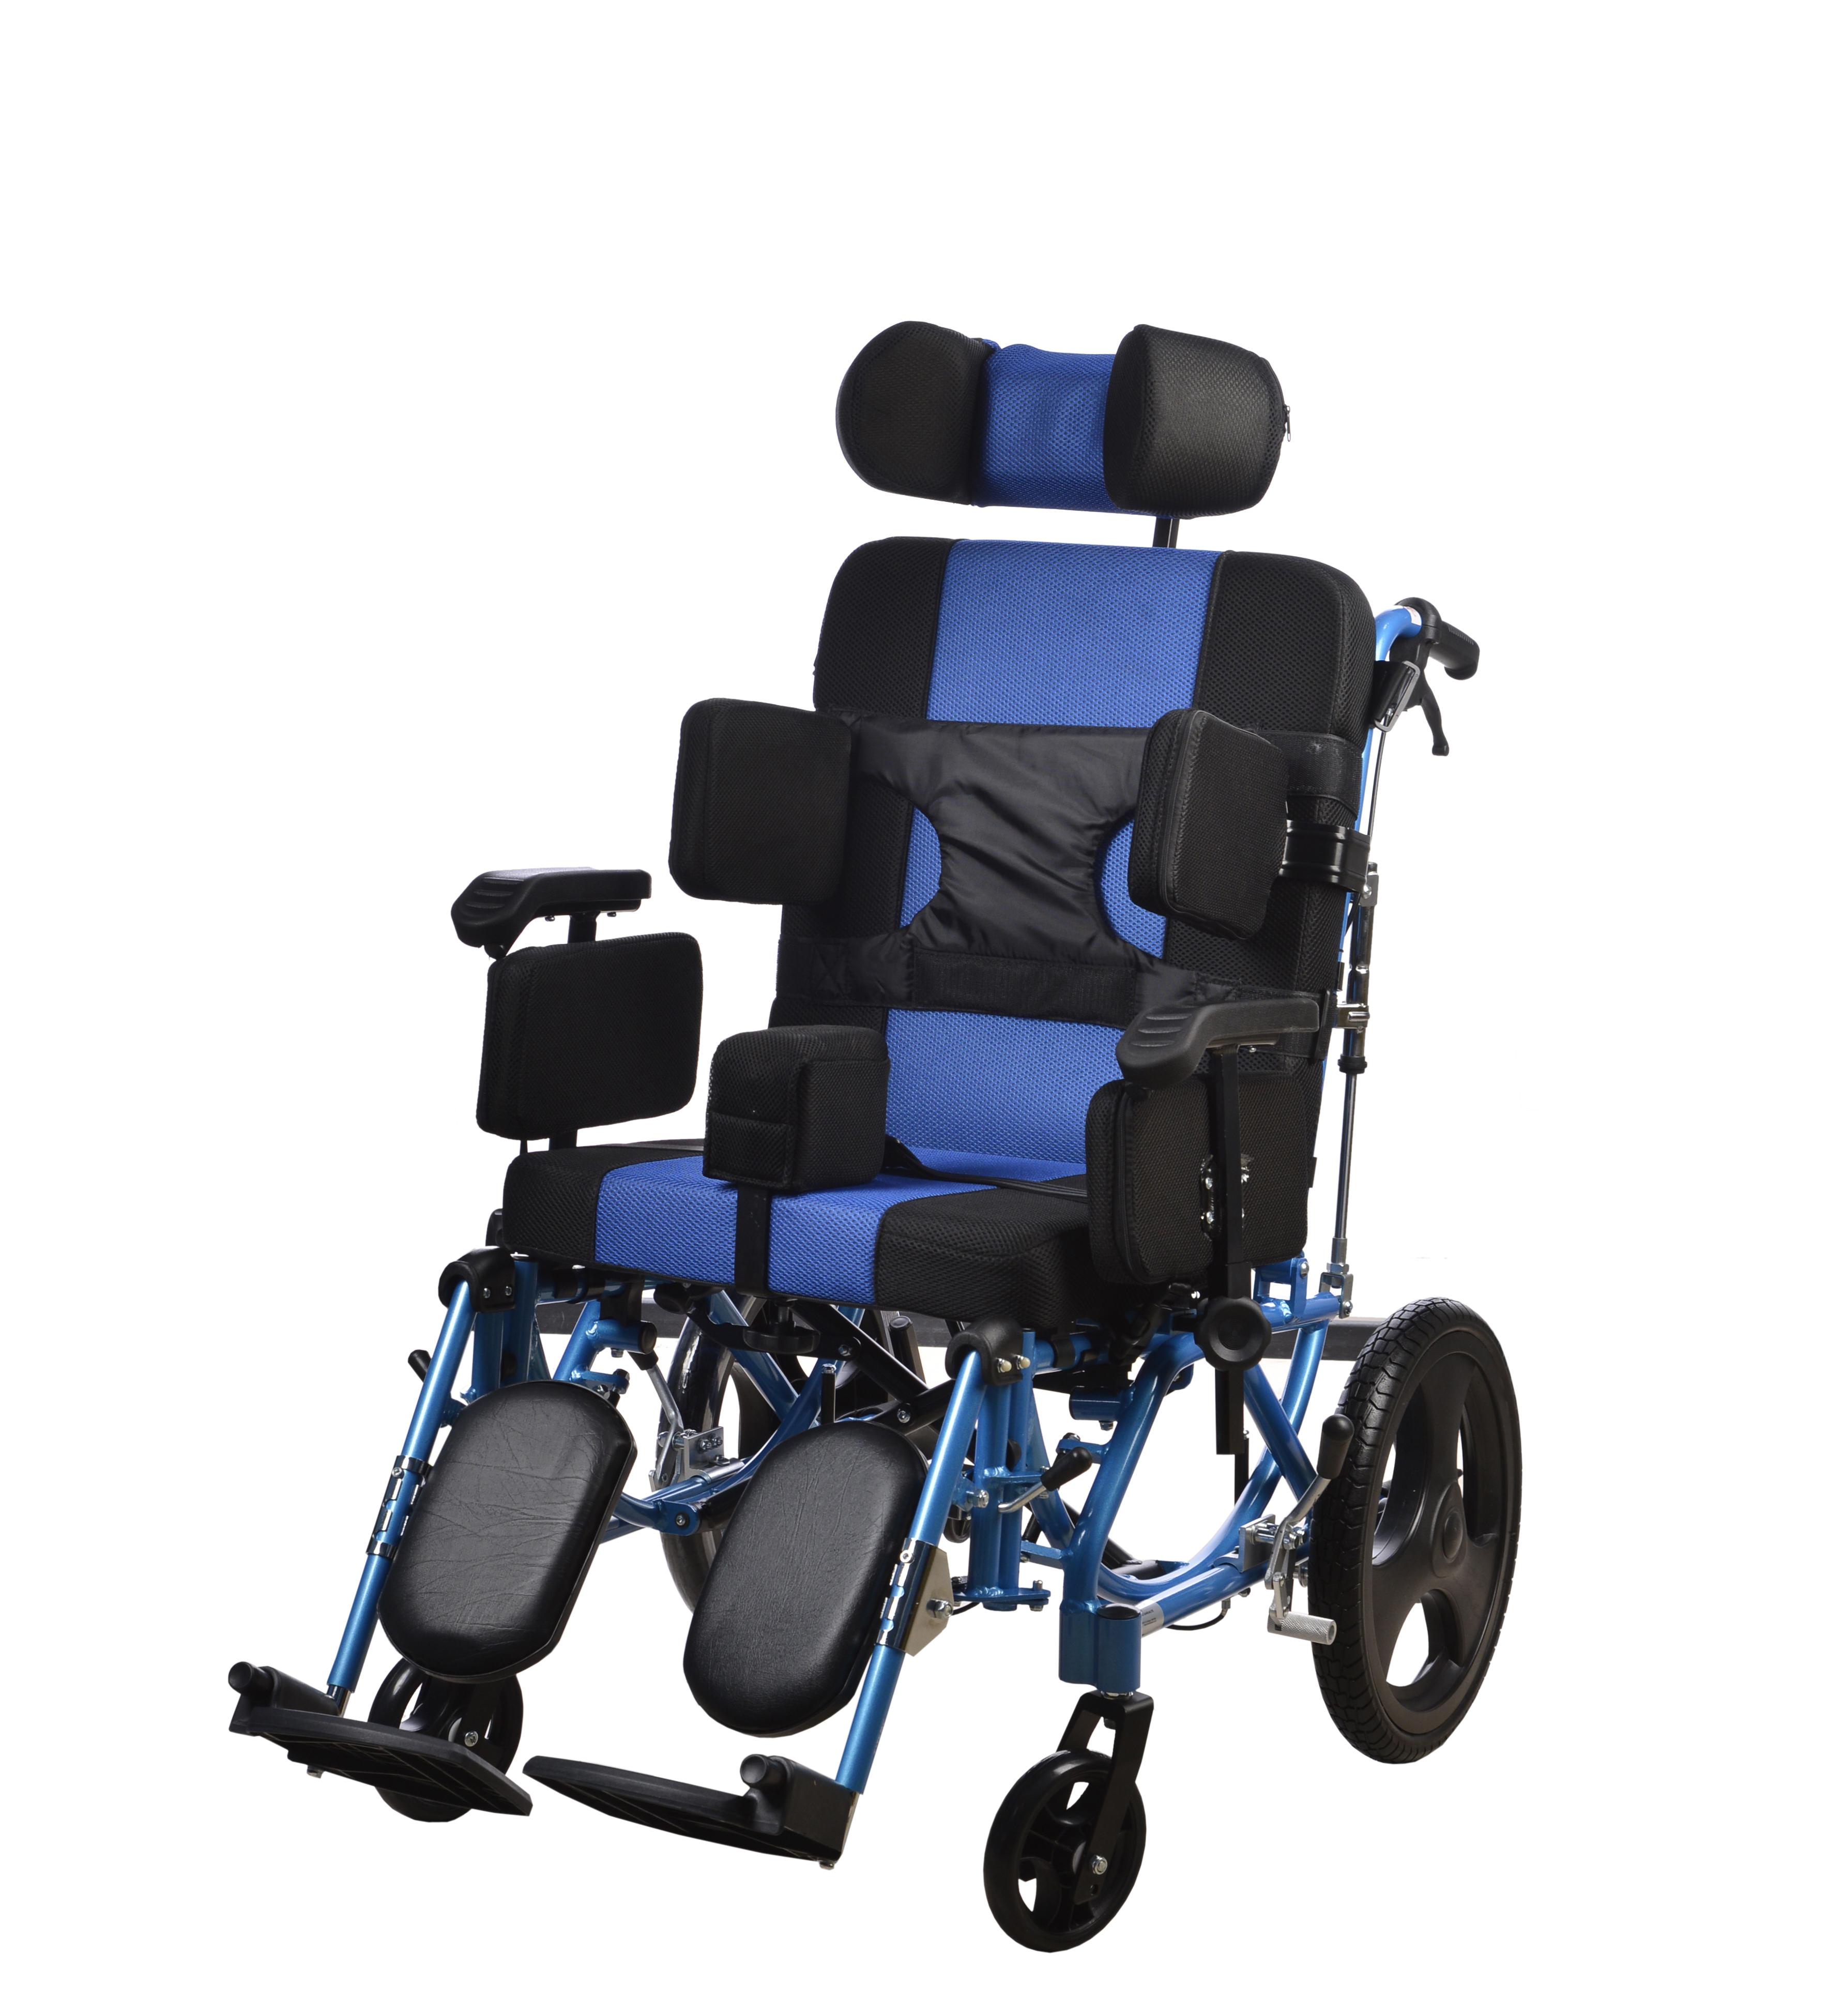 Pulsemed Serebral Tekerlekli Sandalye KY959LJ-36